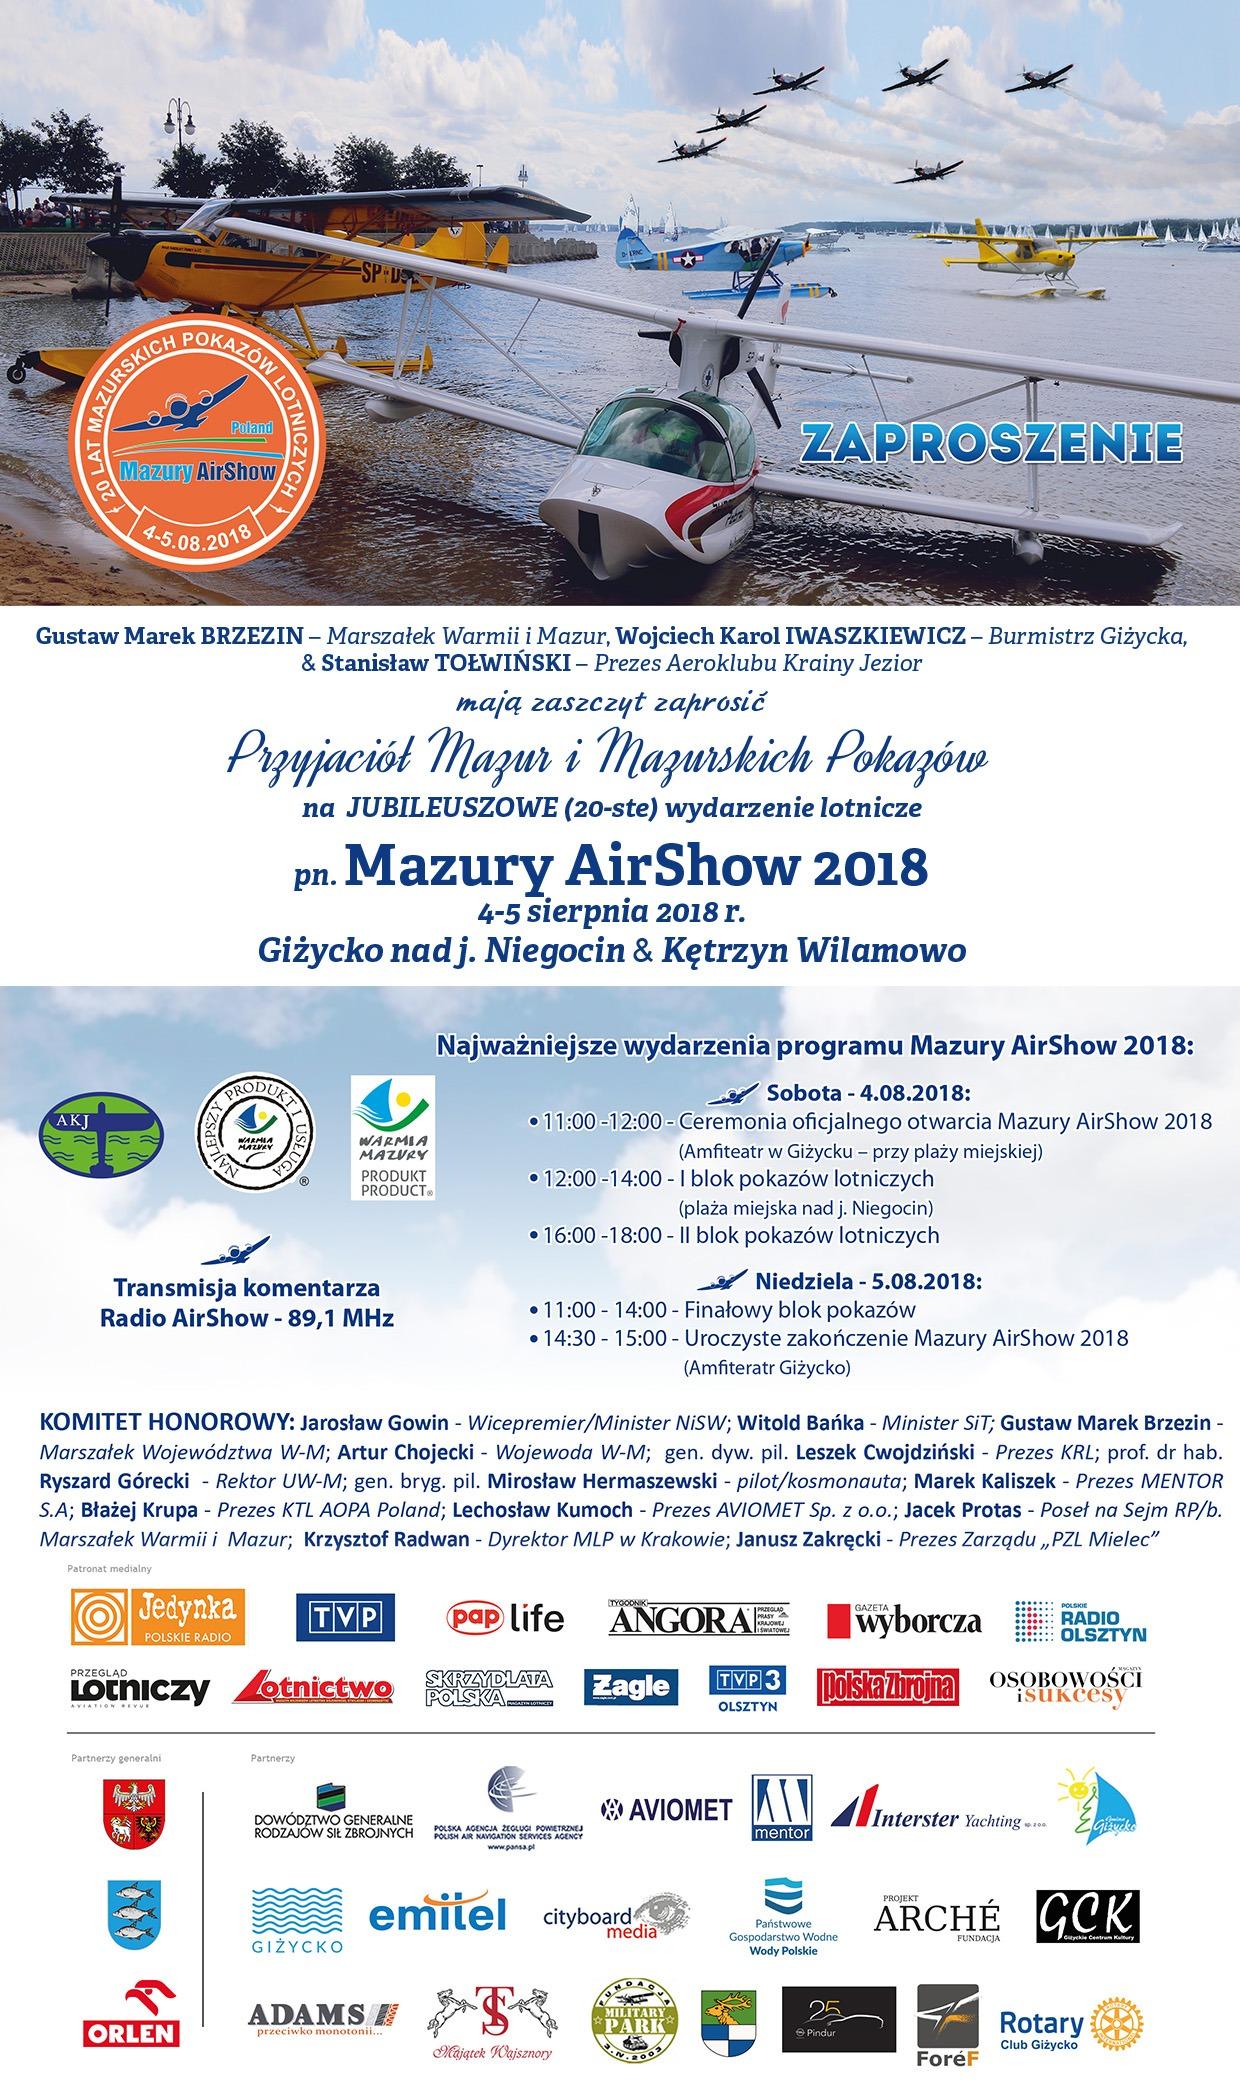 Mazury AirShow 2018